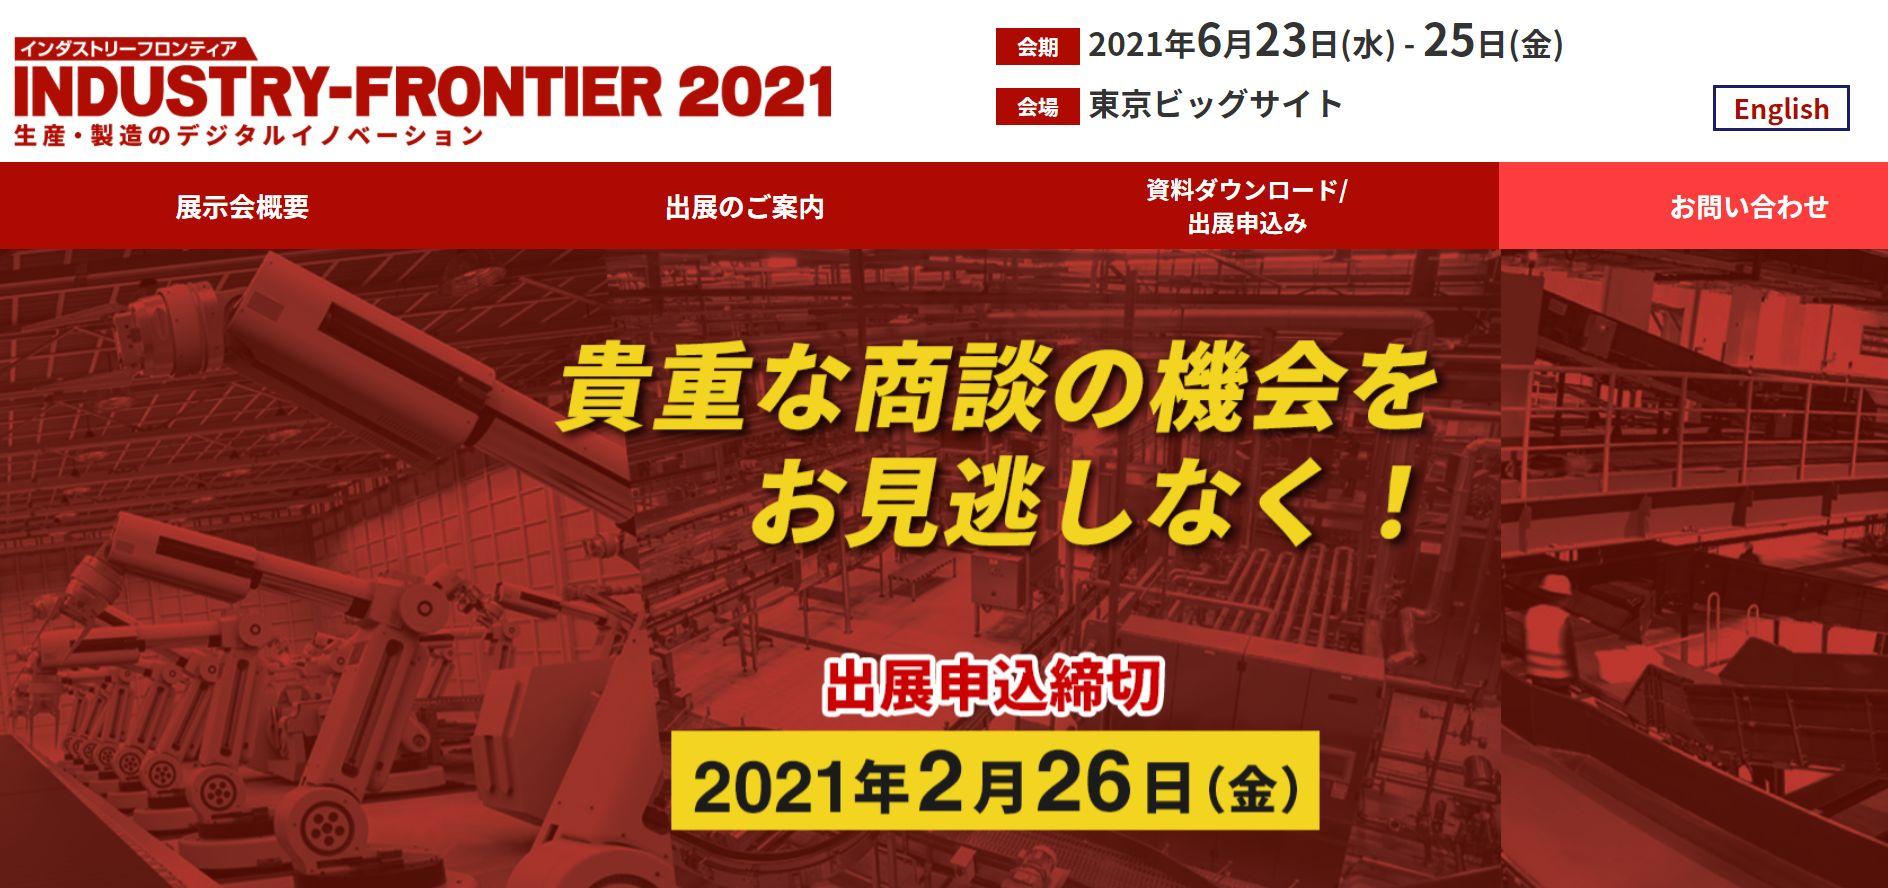 デジタルイノベーションで生産・製造業に変革を!!「INDUSTRY-FRONTIER 2021」